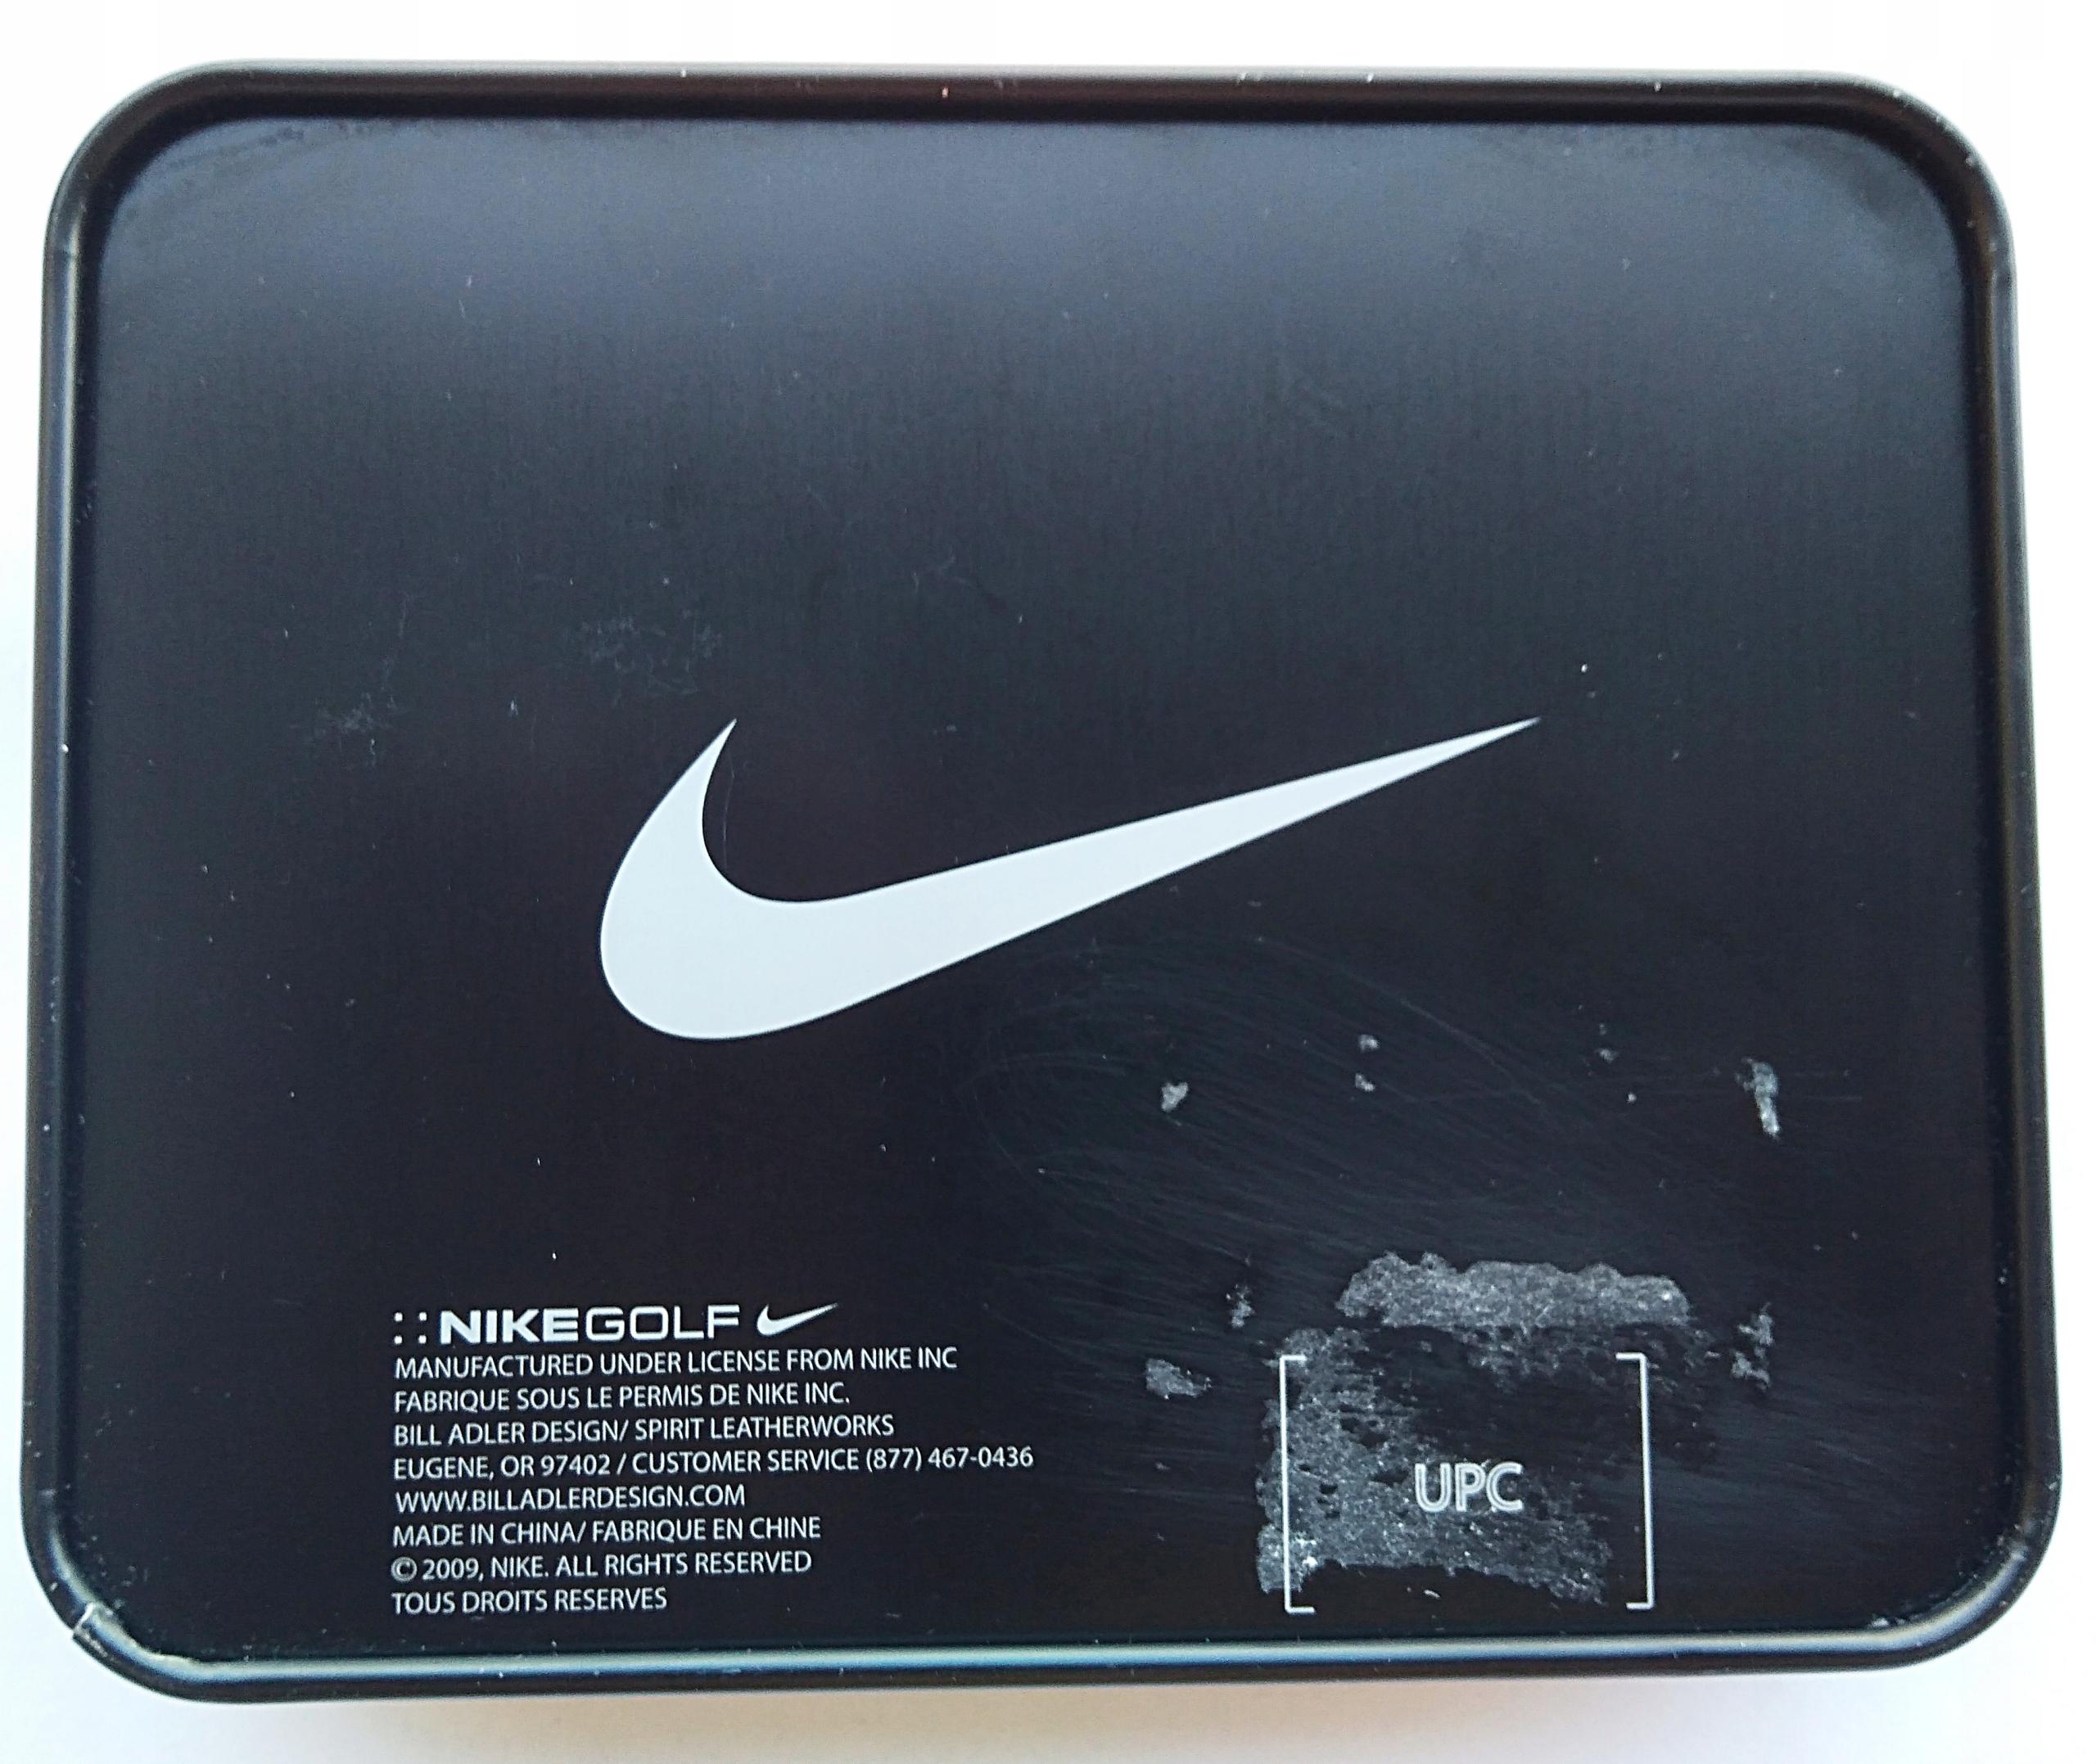 fe0cd6cc47eb5 Portfel Nike Golf z USA skóra OKAZJA!!! - 7477515089 - oficjalne ...